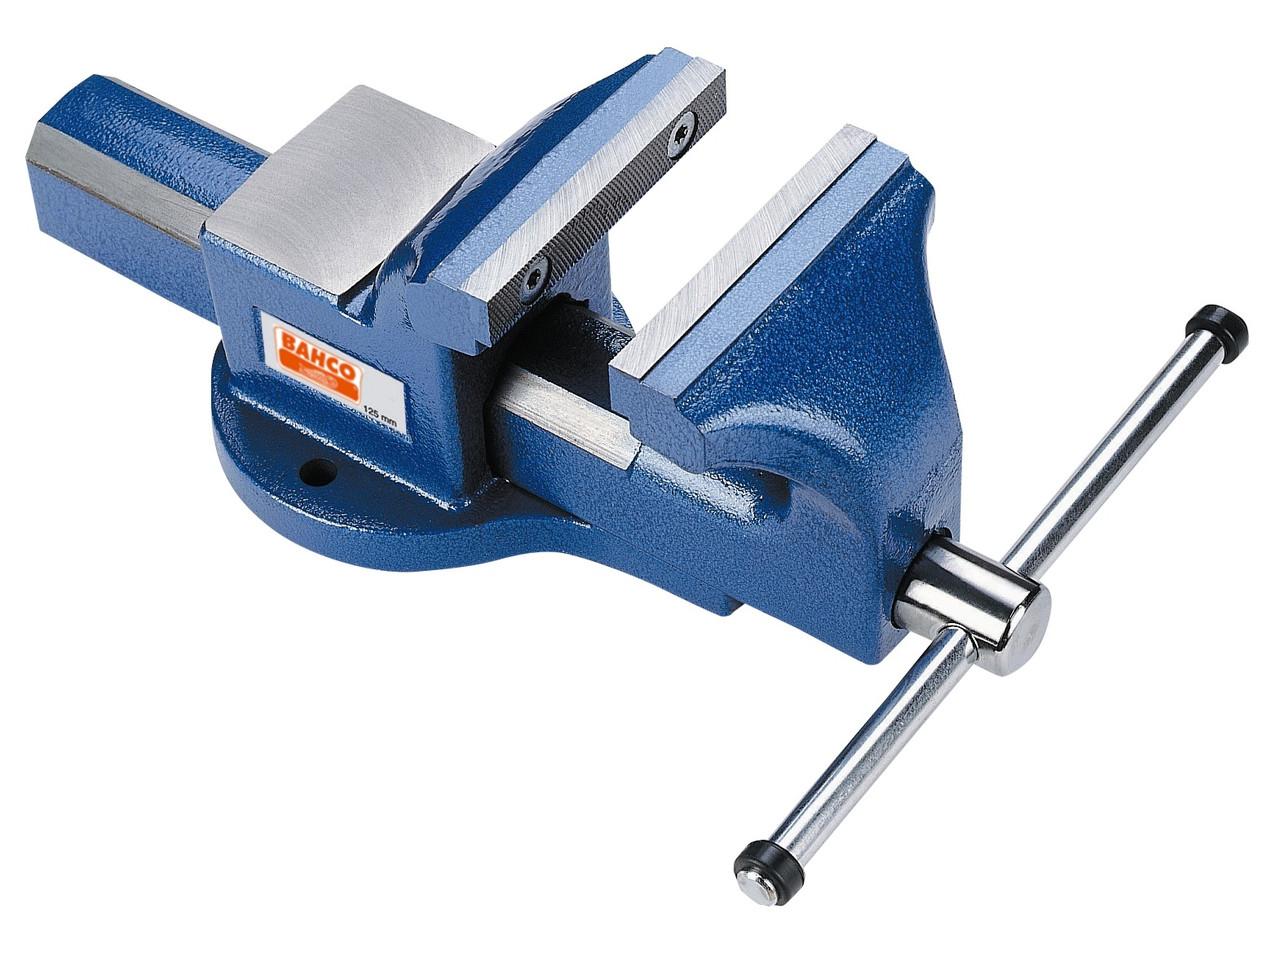 Высокопрочные параллельные верстачные тиски, длина изделия - 551 мм, Bahco, 607201750